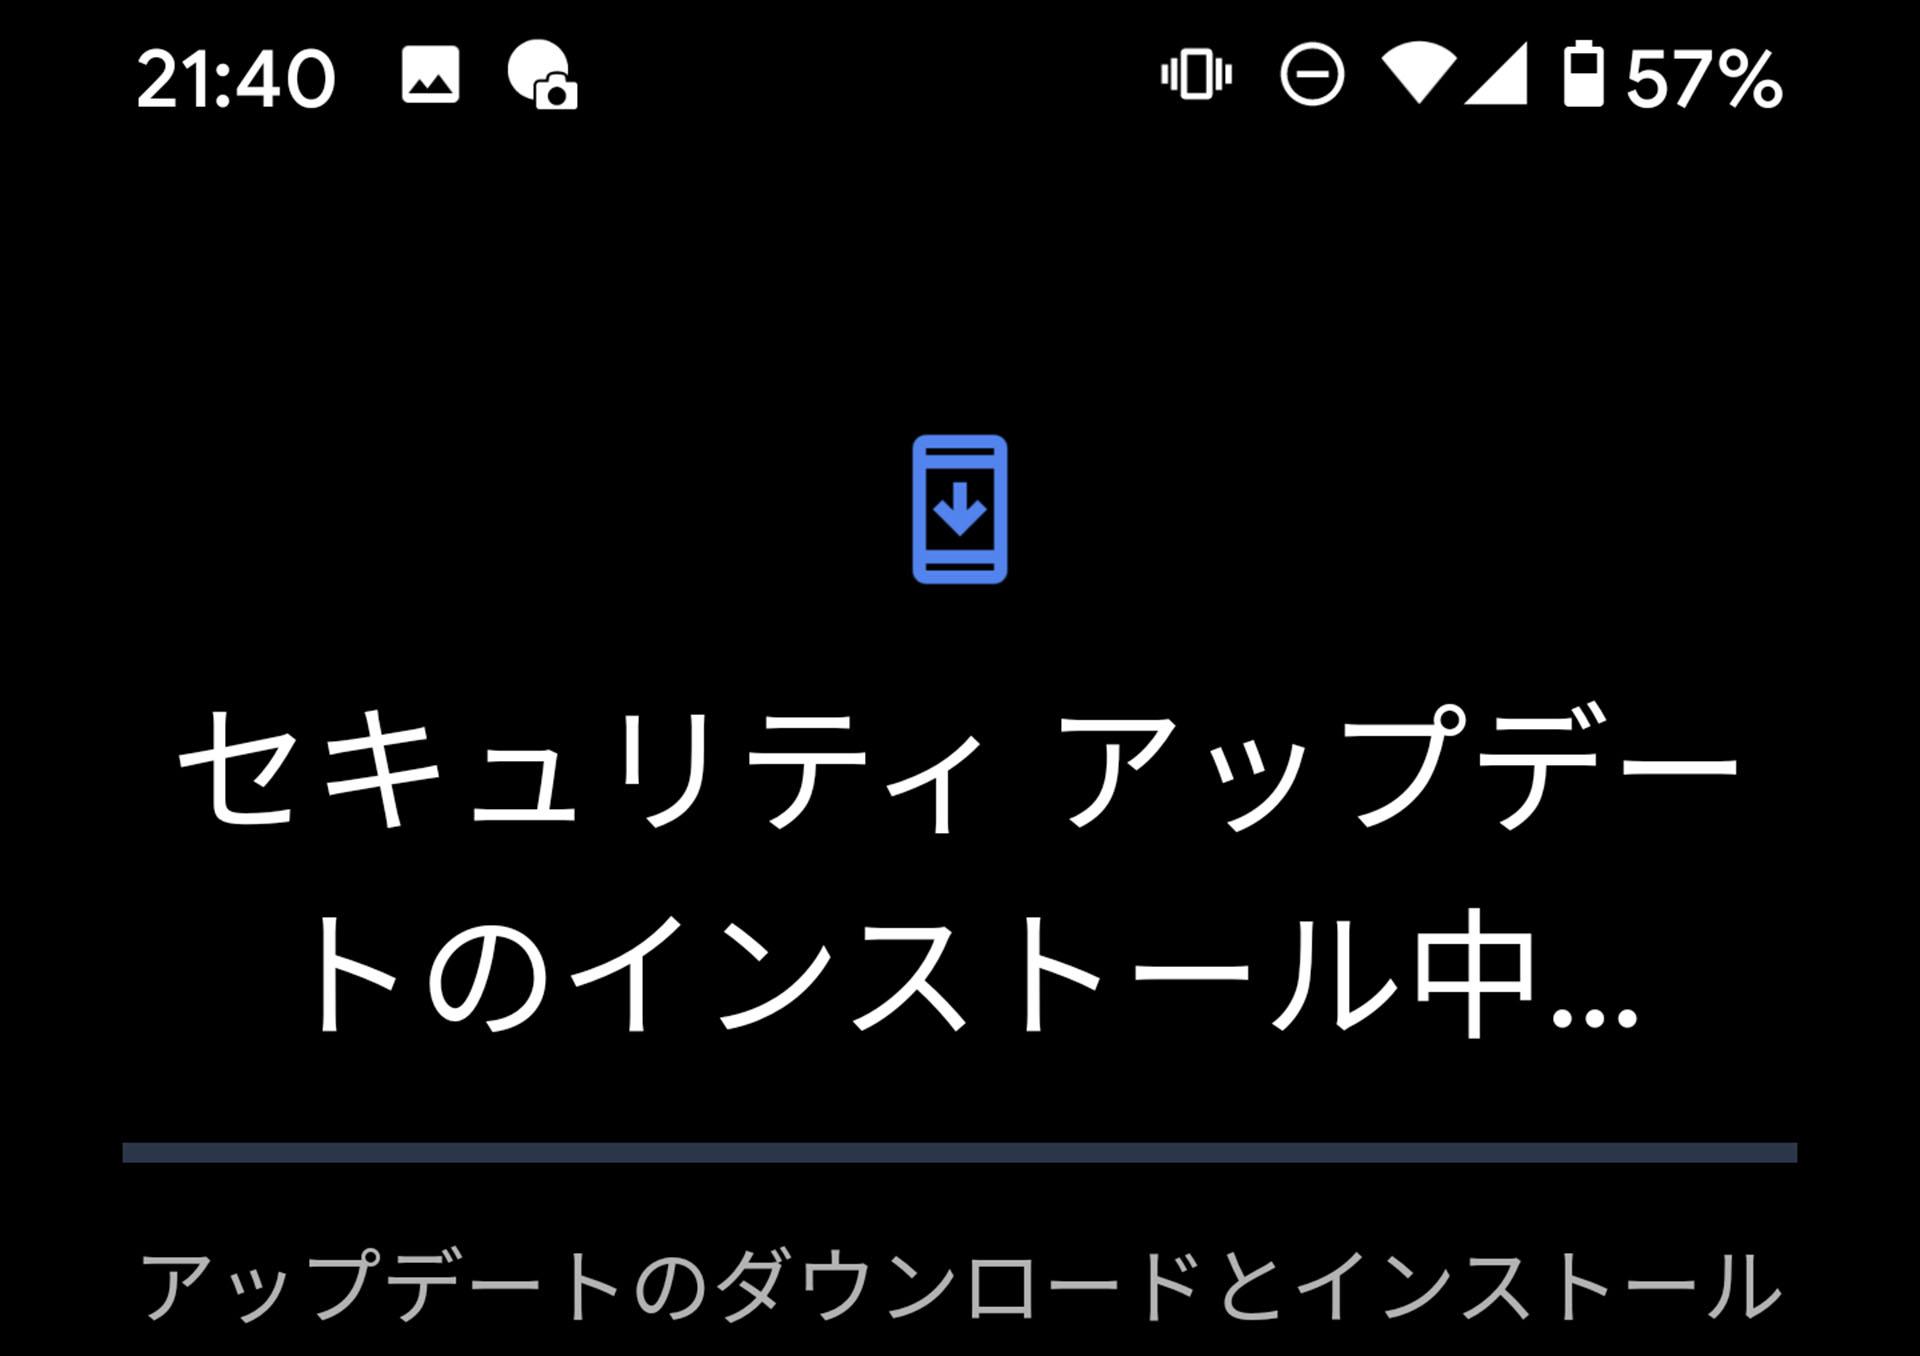 スマートフォン2台をほぼ同時にアップデートするのは今後やめておこう💦